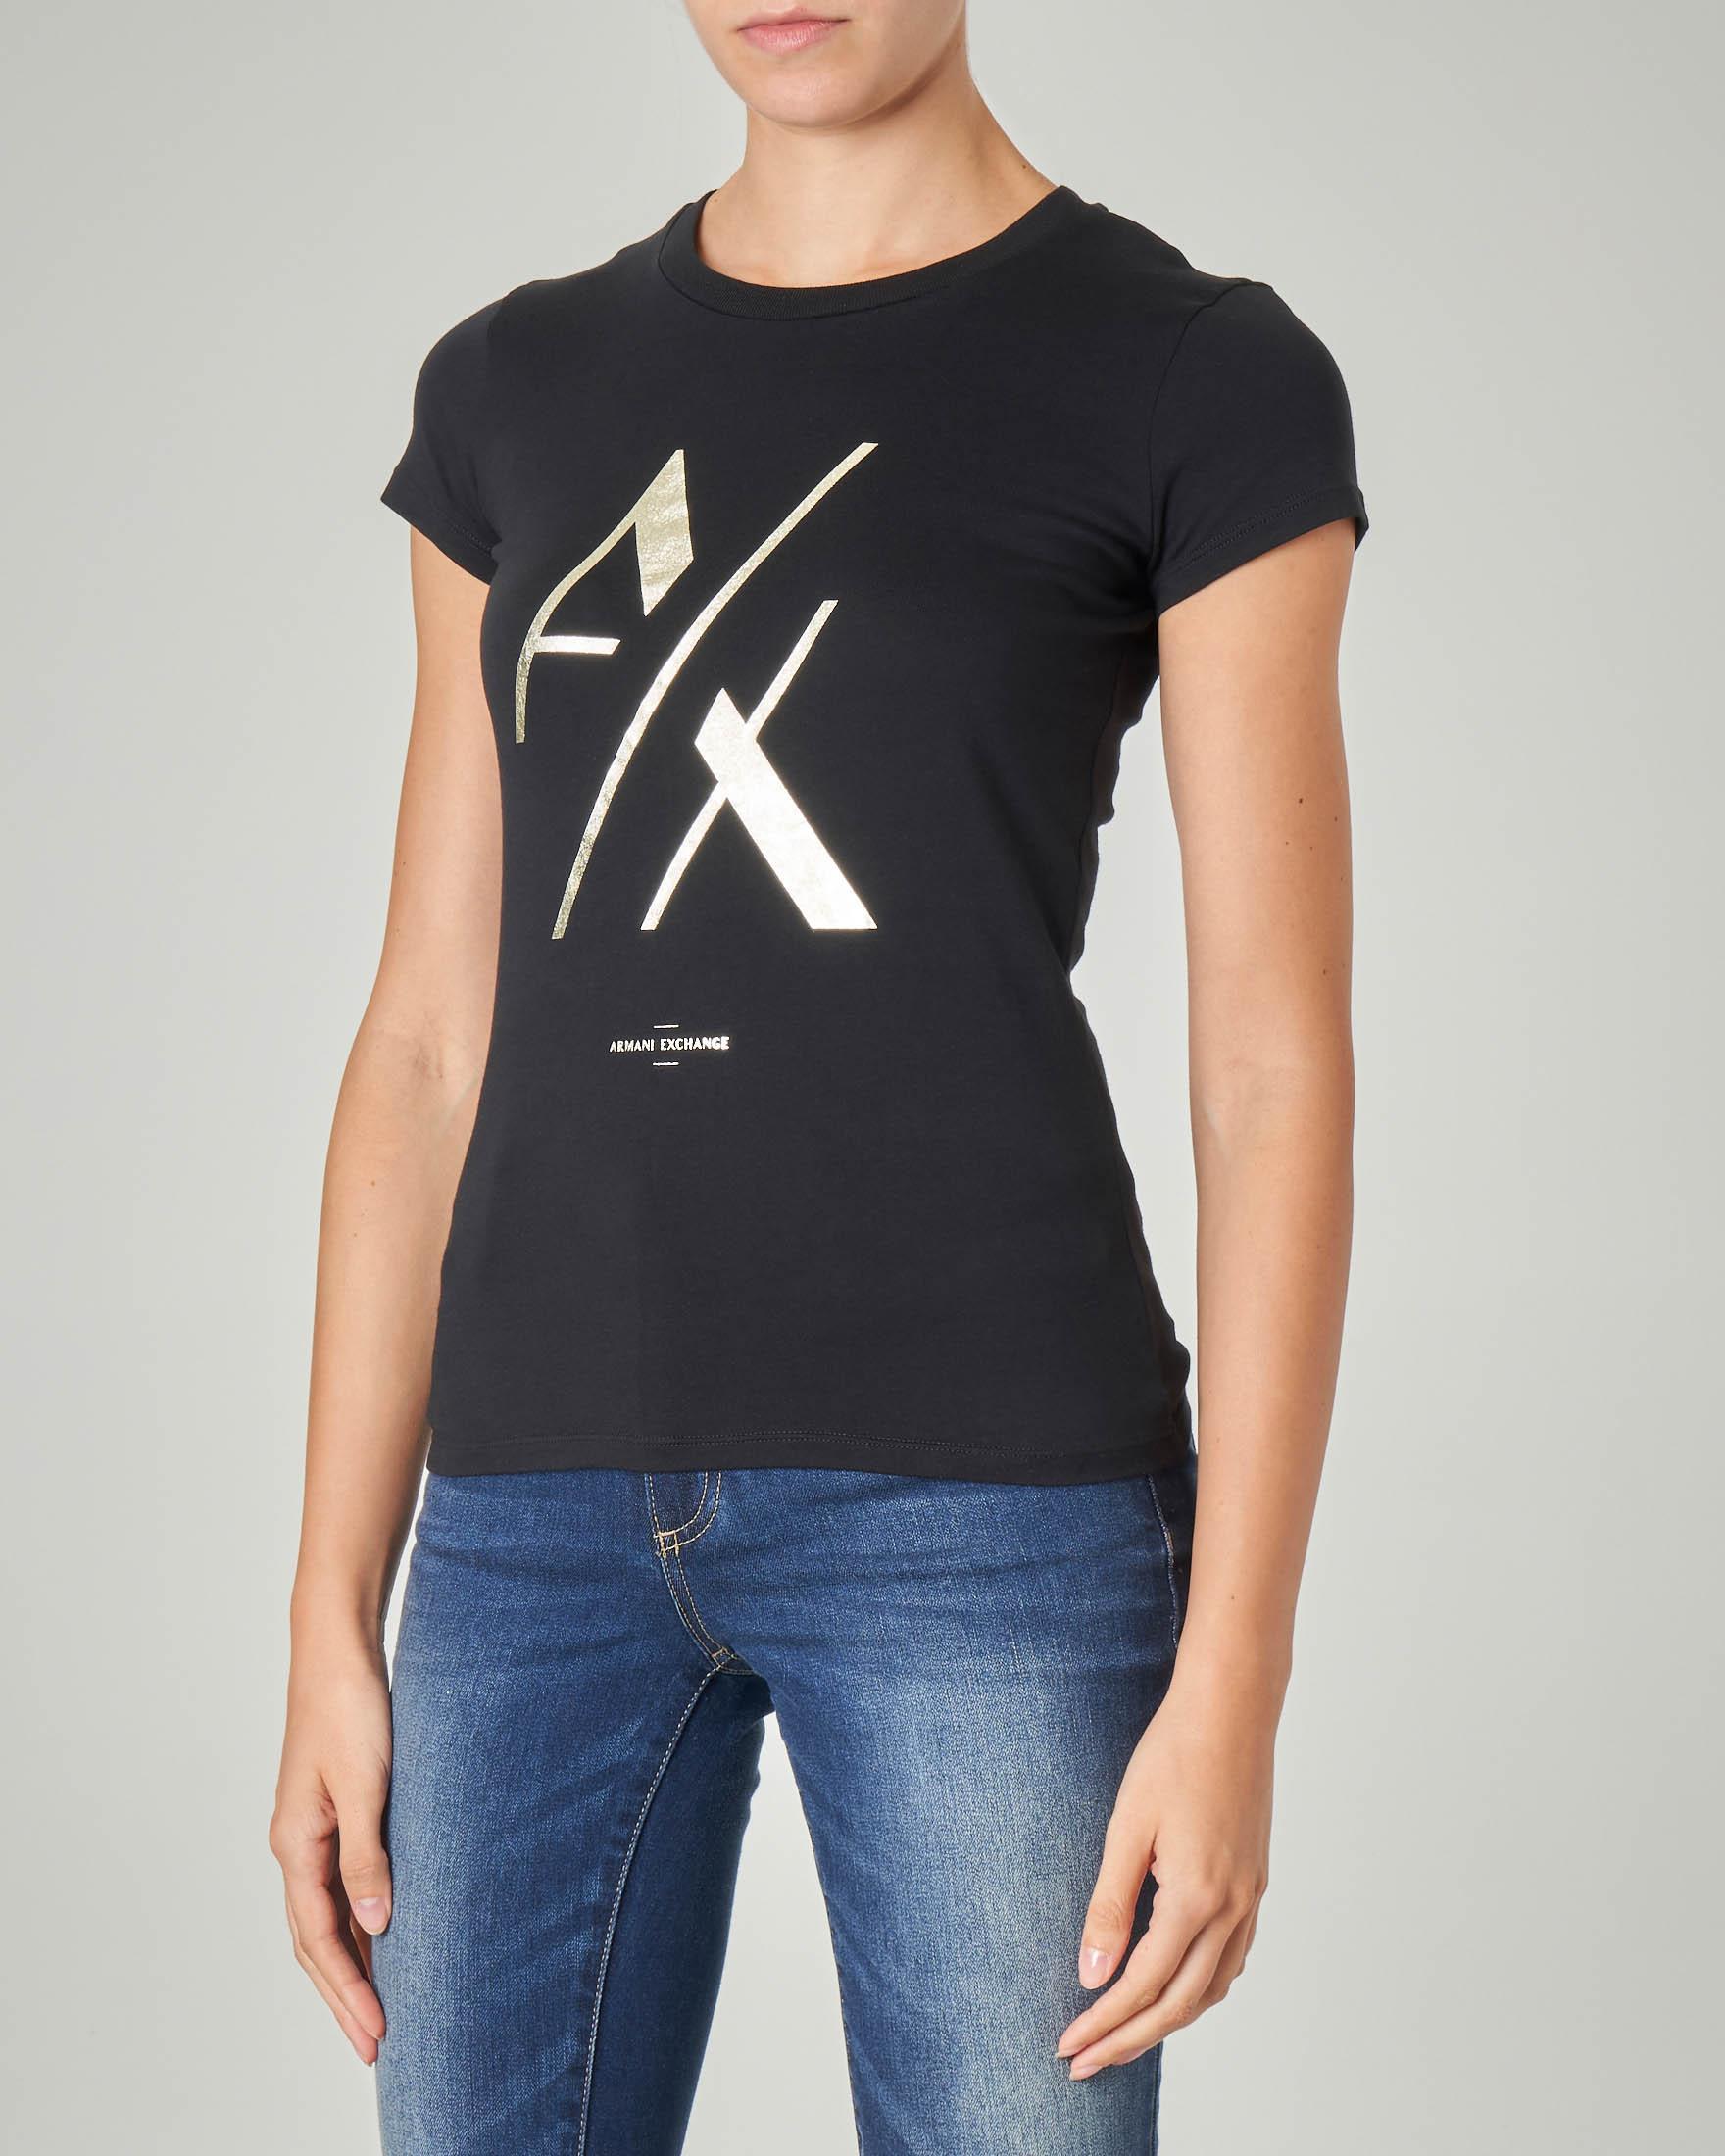 T-shirt nera in coton con monogramma logo stampato in oro effetto laminato